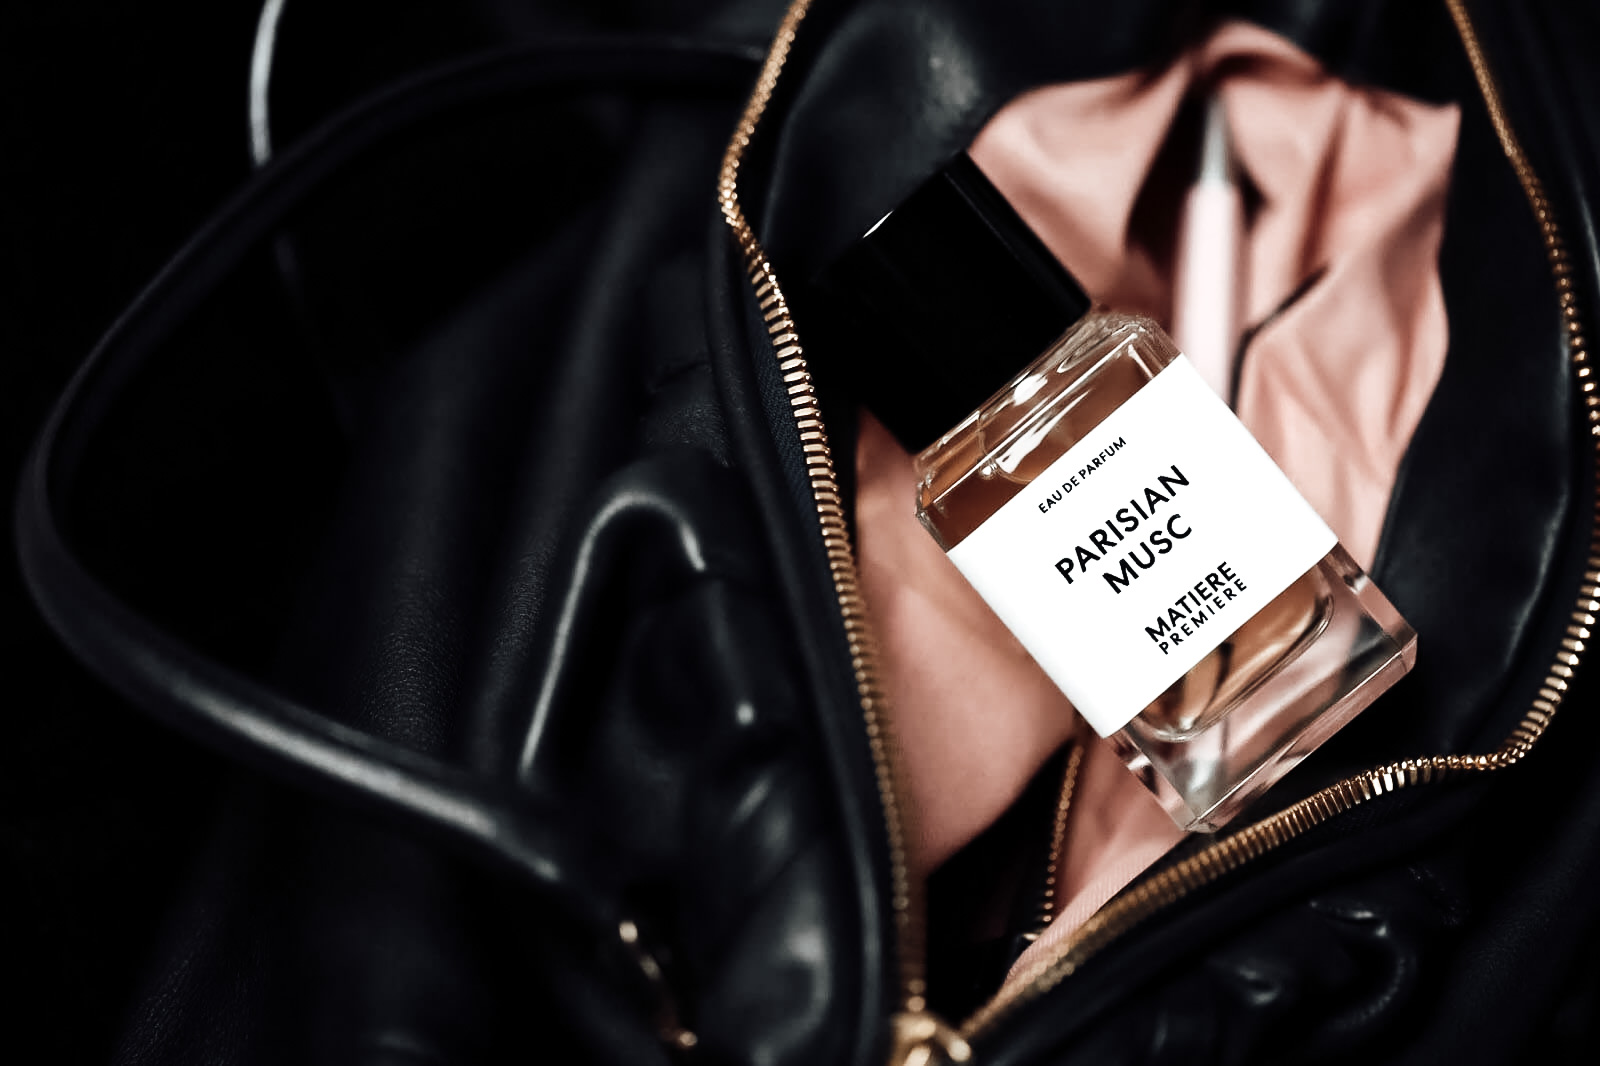 Matière Première Parfum Avis